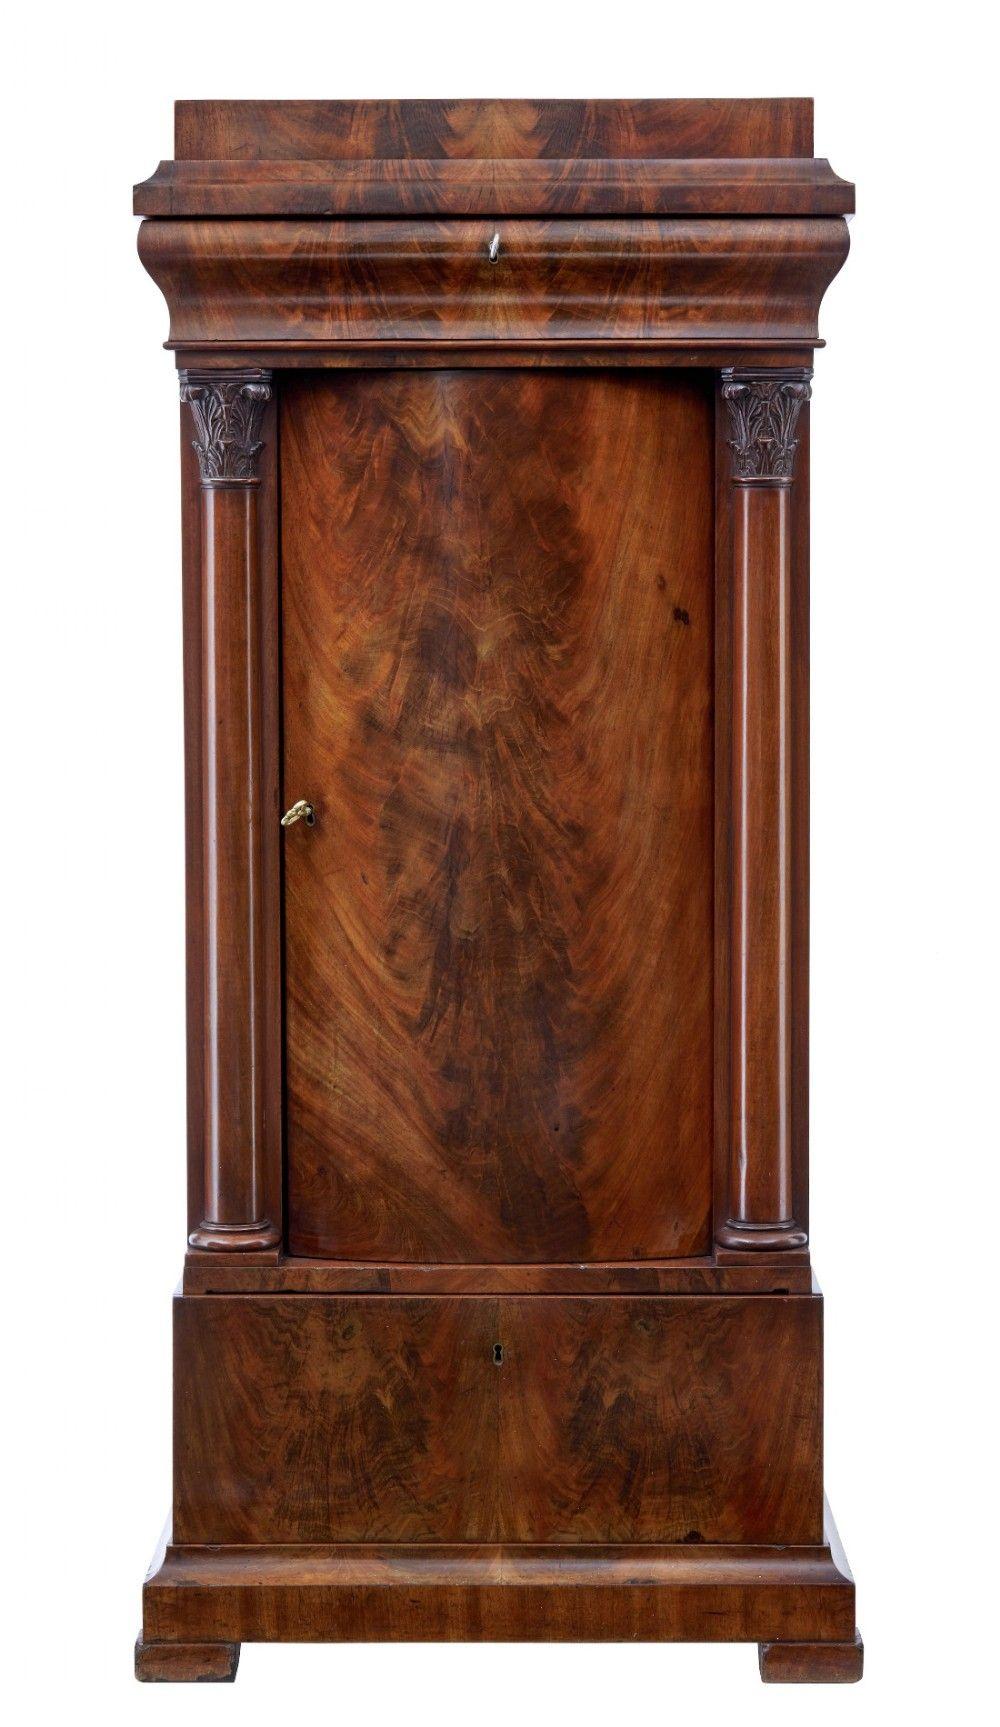 pingl par menuiserie abc bois lyon depuis 1988 sur meubles d 39 poques fran ais pinterest. Black Bedroom Furniture Sets. Home Design Ideas